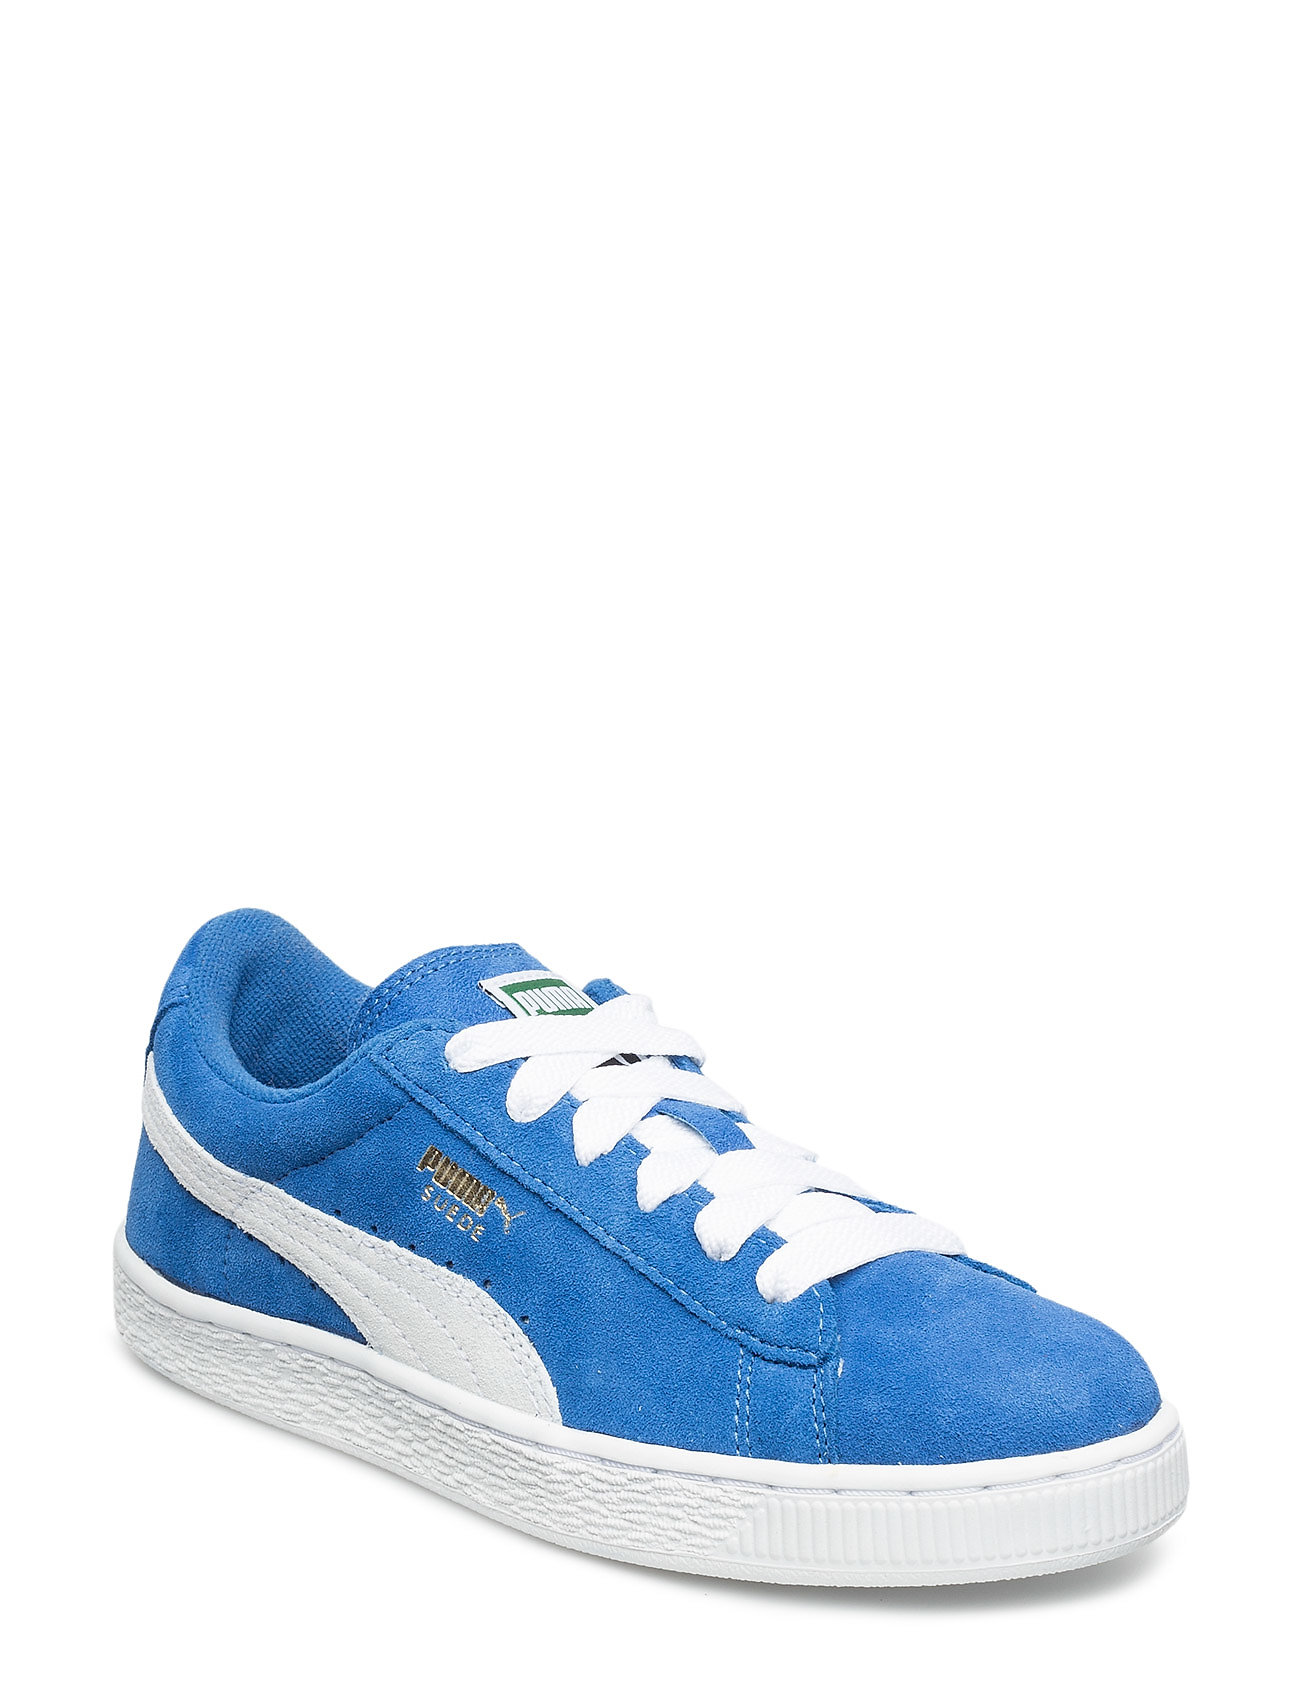 9adf0232cd9 Suede Jr sneakers fra PUMA til børn i BLACK-WHITE - Pashion.dk